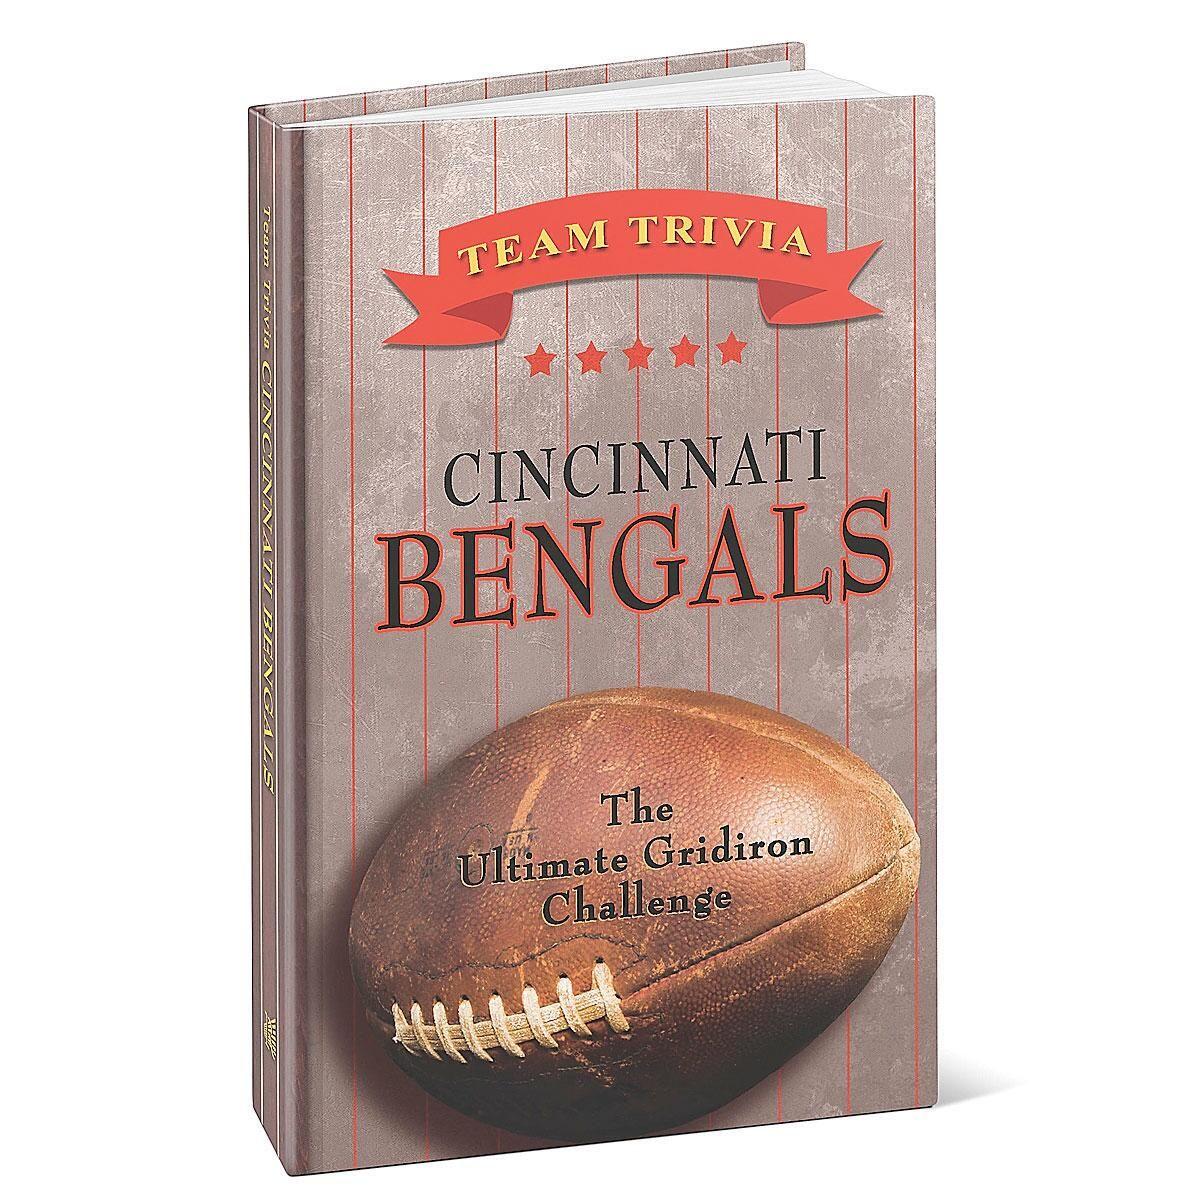 Cincinnati Bengals NFL Team Trivia Book